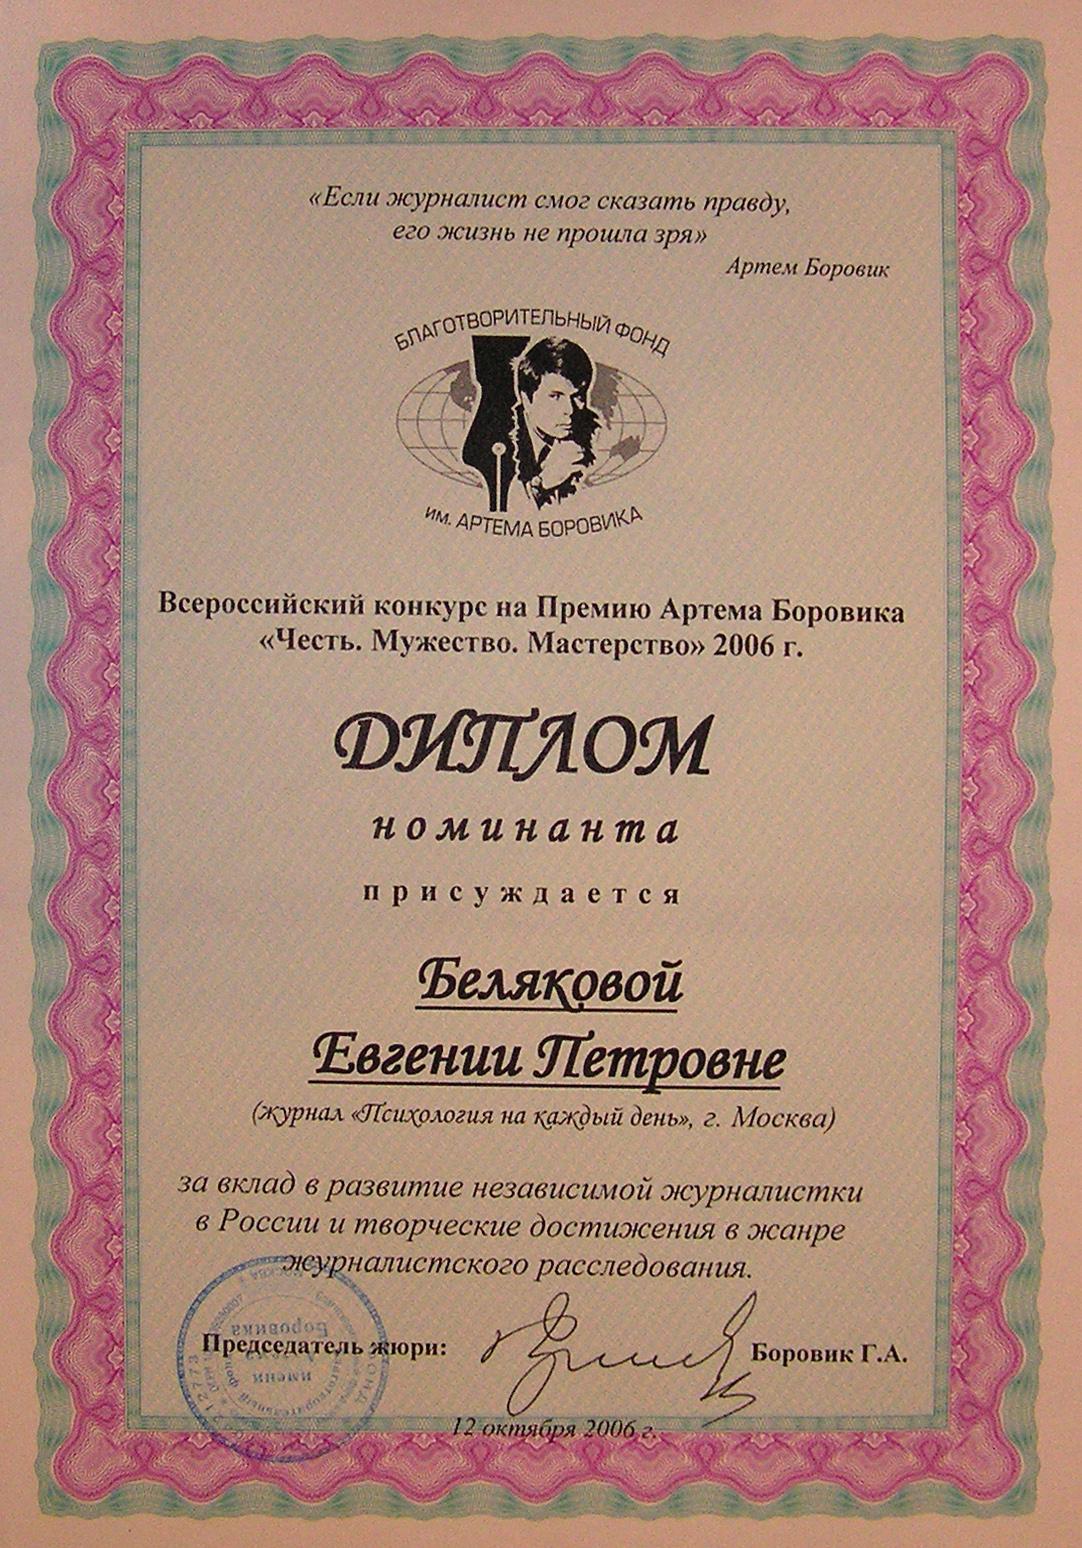 Диплом автора